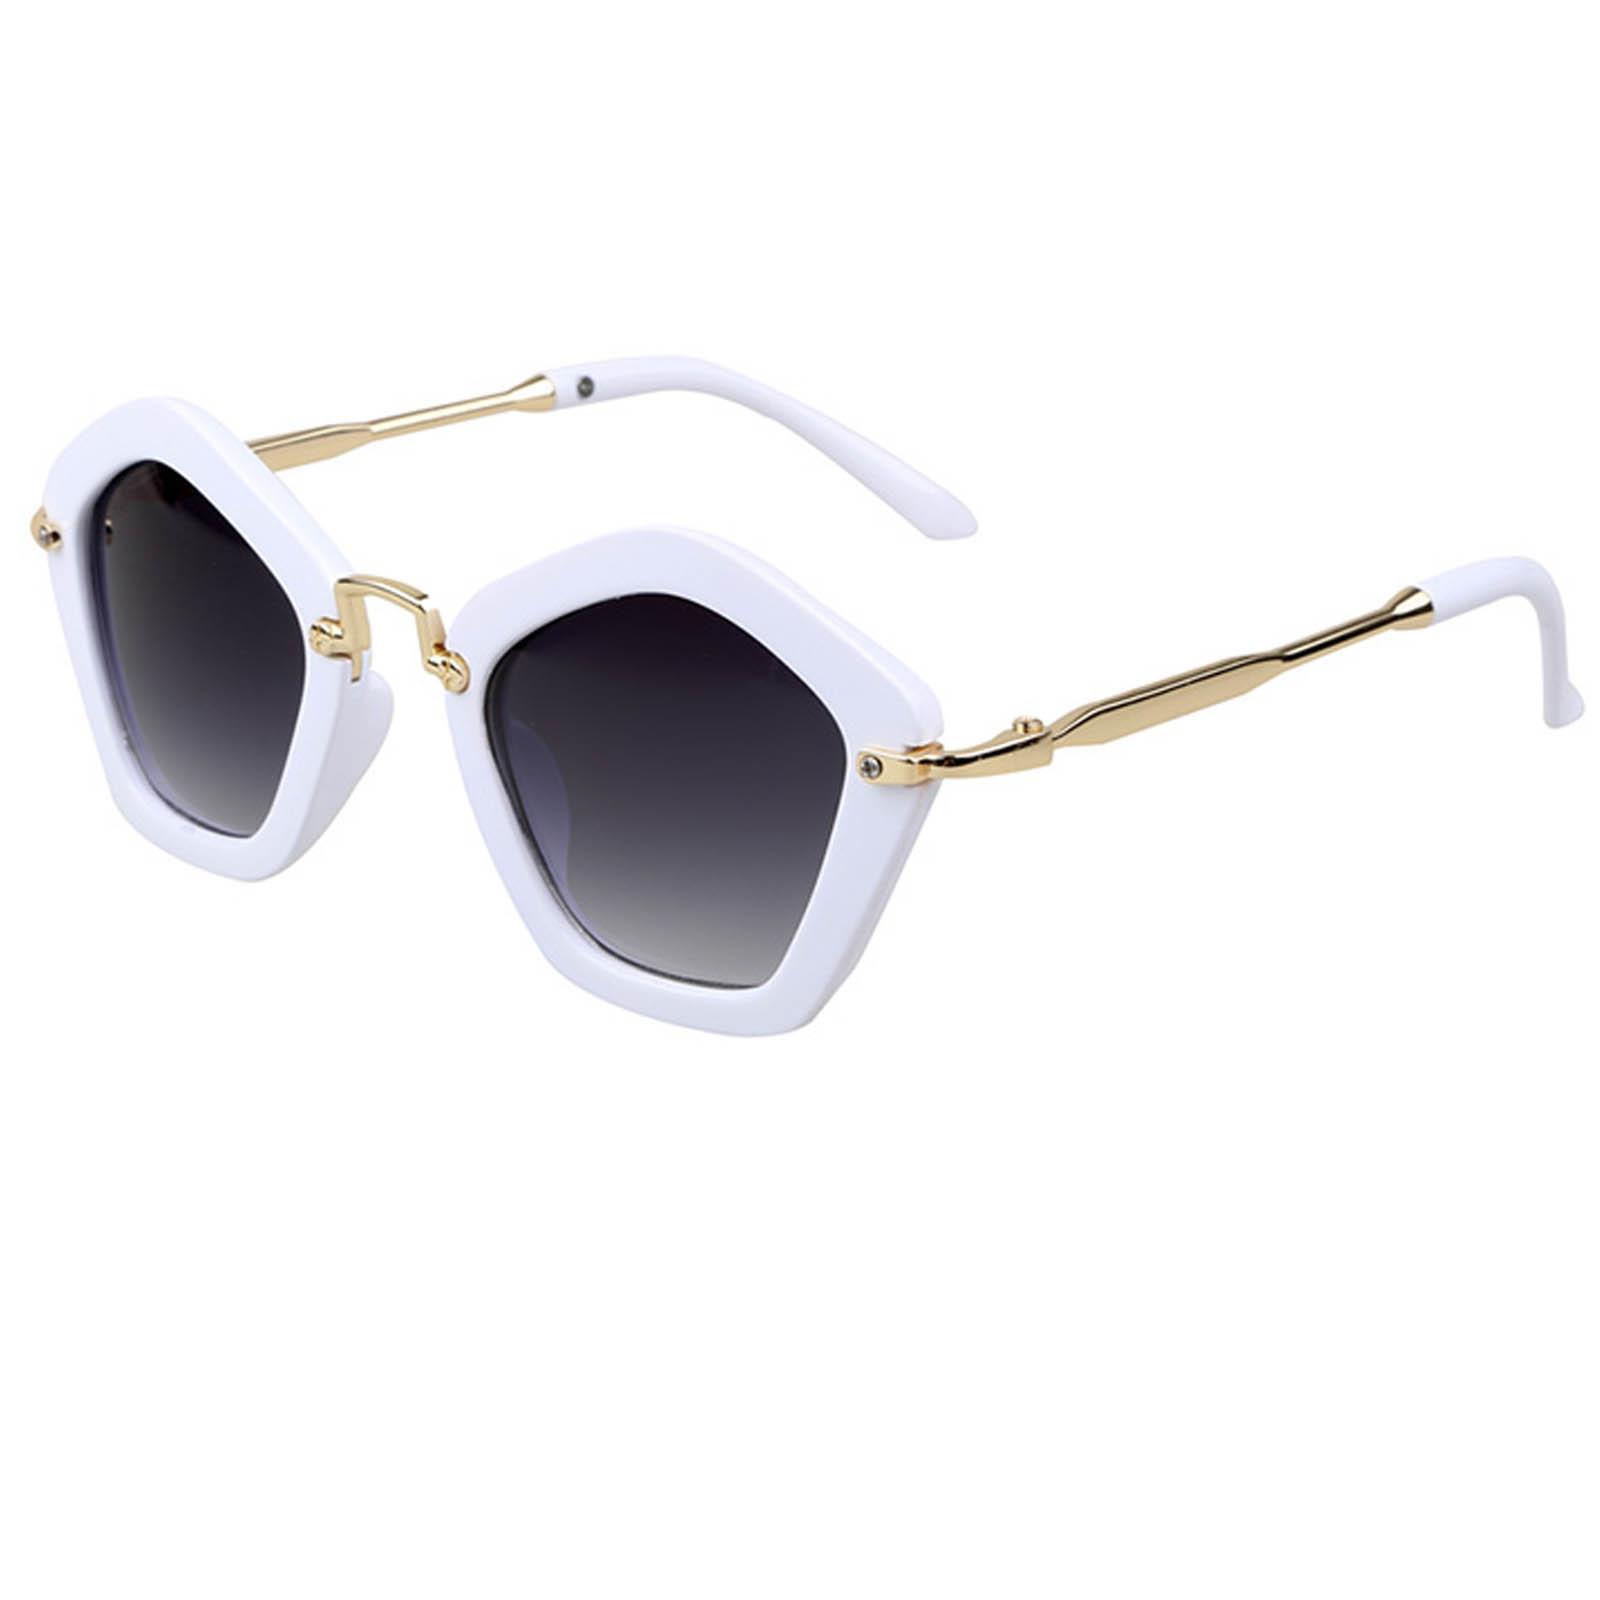 OWL ® 044 C6 Round Pentagon Eyewear Sunglasses Women's Men's Metal White Frame Smoke Lens One Pair